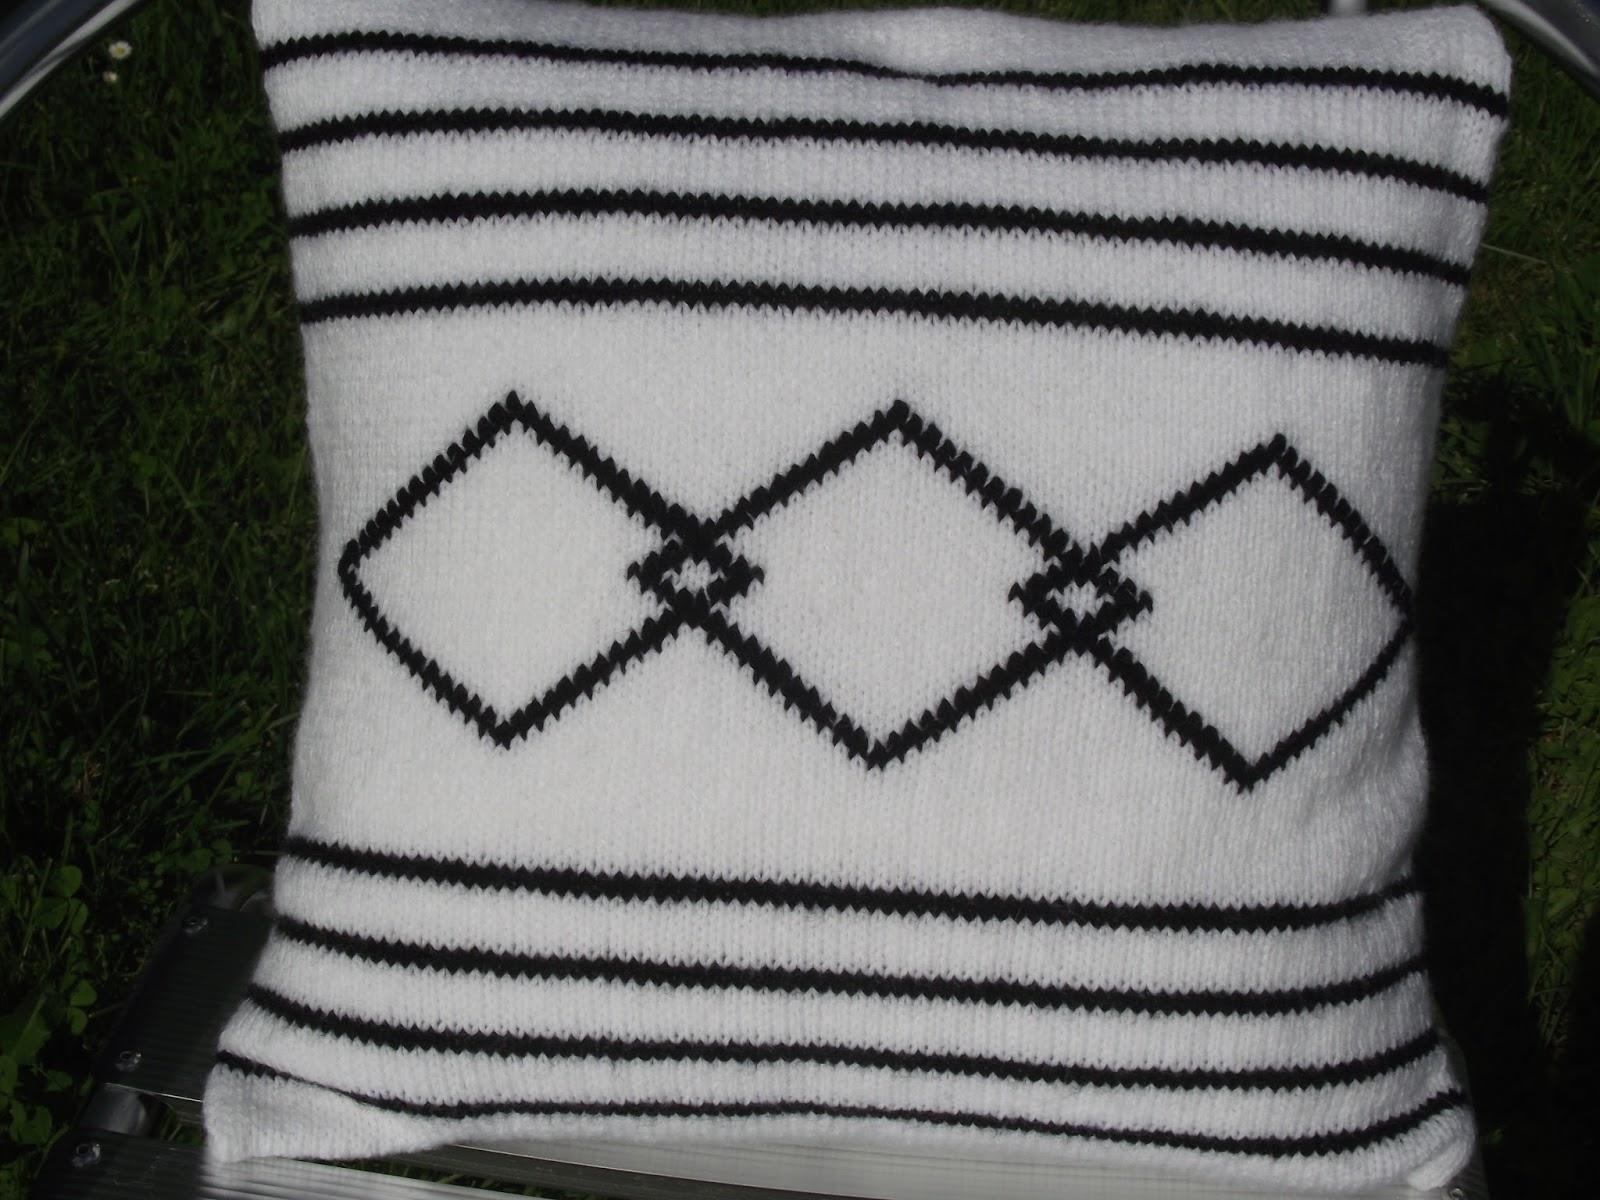 crochet et tricot facile avec explications coussin tricot graphique noir et blanc. Black Bedroom Furniture Sets. Home Design Ideas